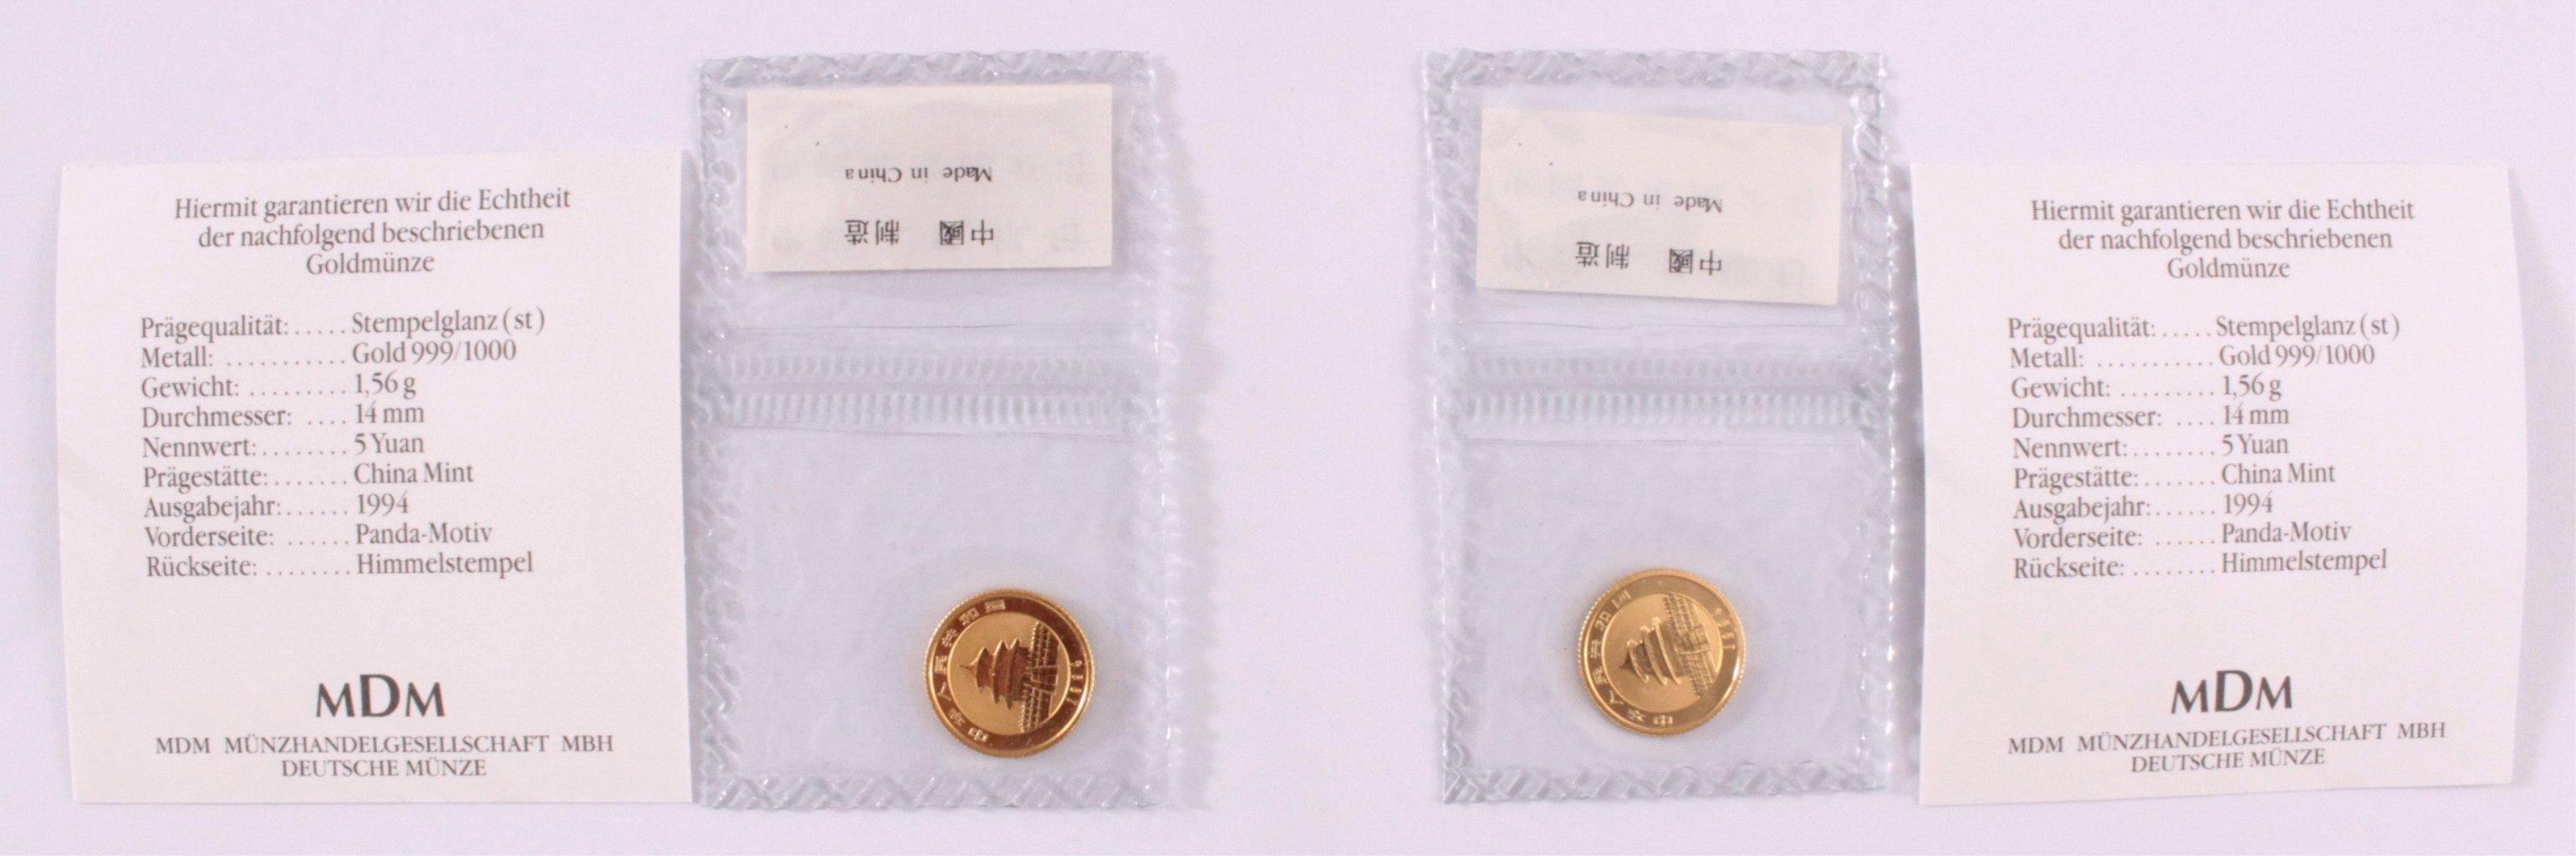 2 5 Yuan Goldmünzen, Panda Motiv/Himmelstempel-2